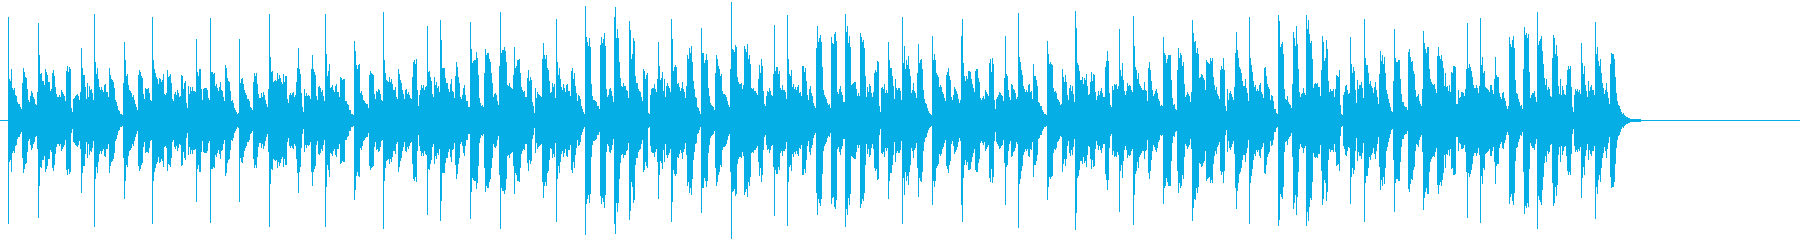 クイズの答えを考える際の、BGMのイメ…の再生済みの波形